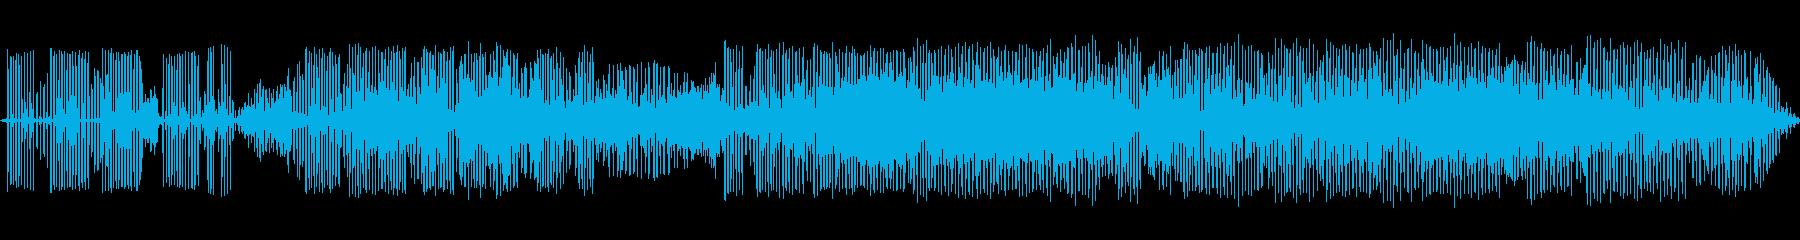 カエルの鳴き声-4の再生済みの波形